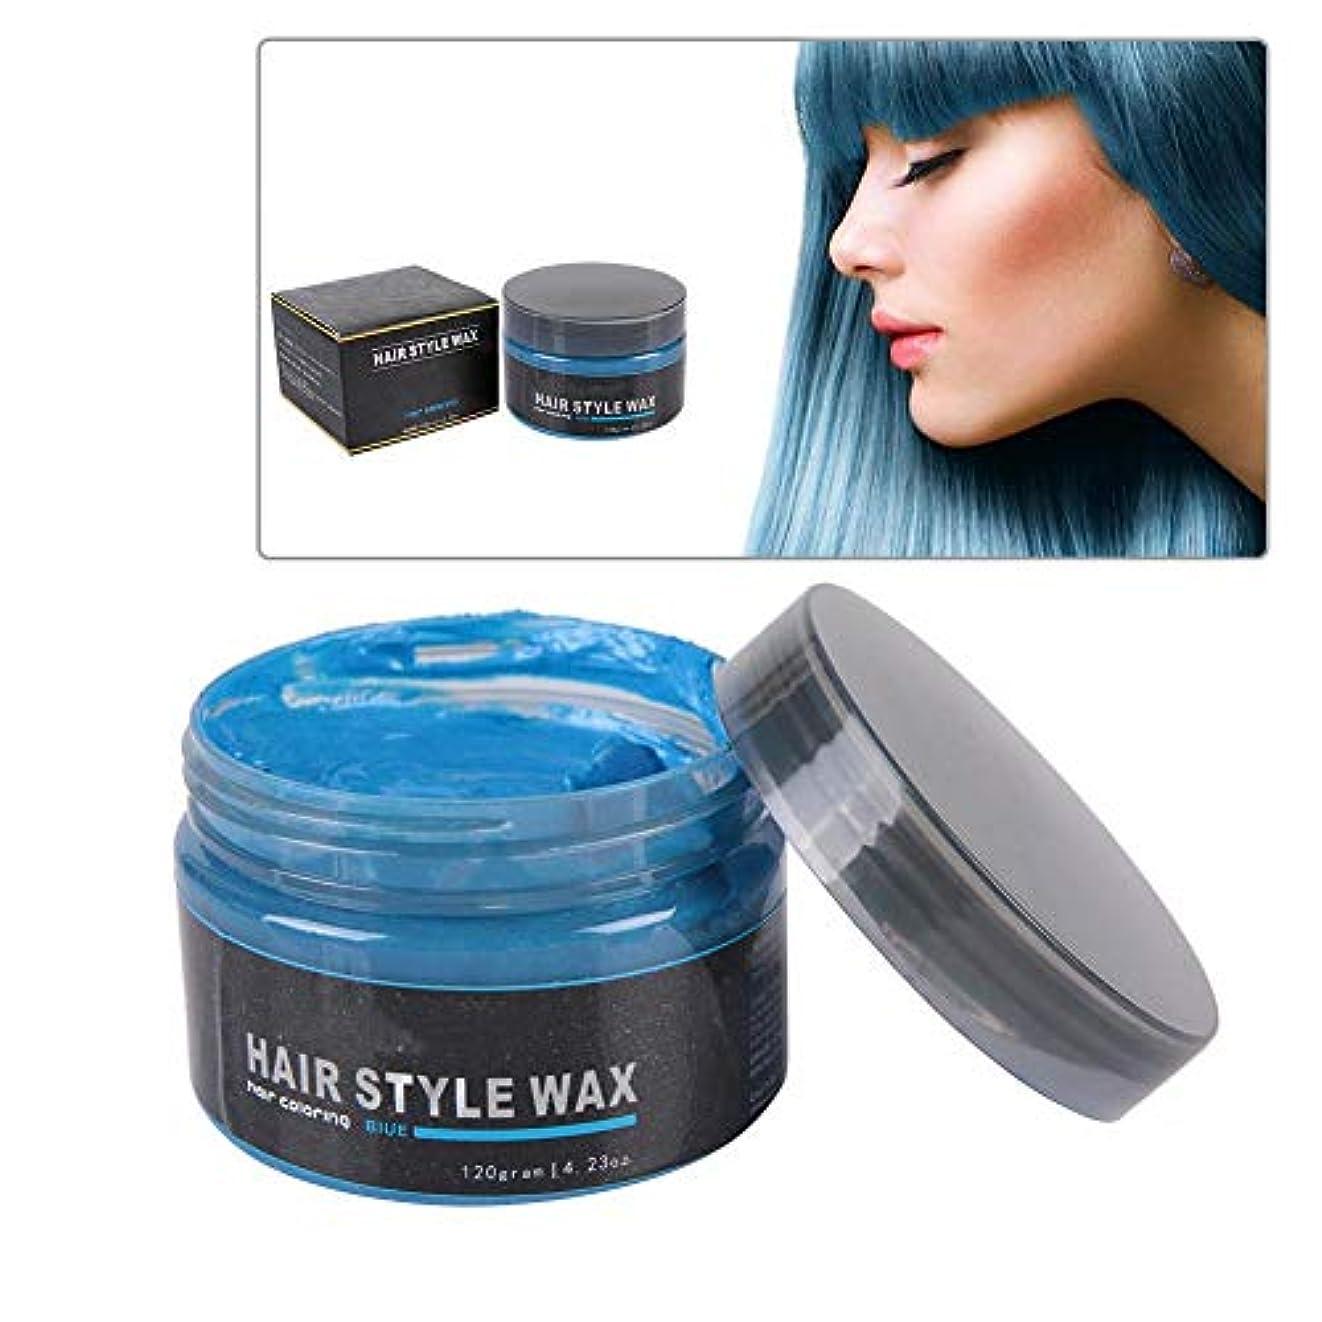 使い捨ての新しいヘアカラーワックス、染毛剤の着色泥のヘアスタイルモデリングクリーム120グラム(ブルー)